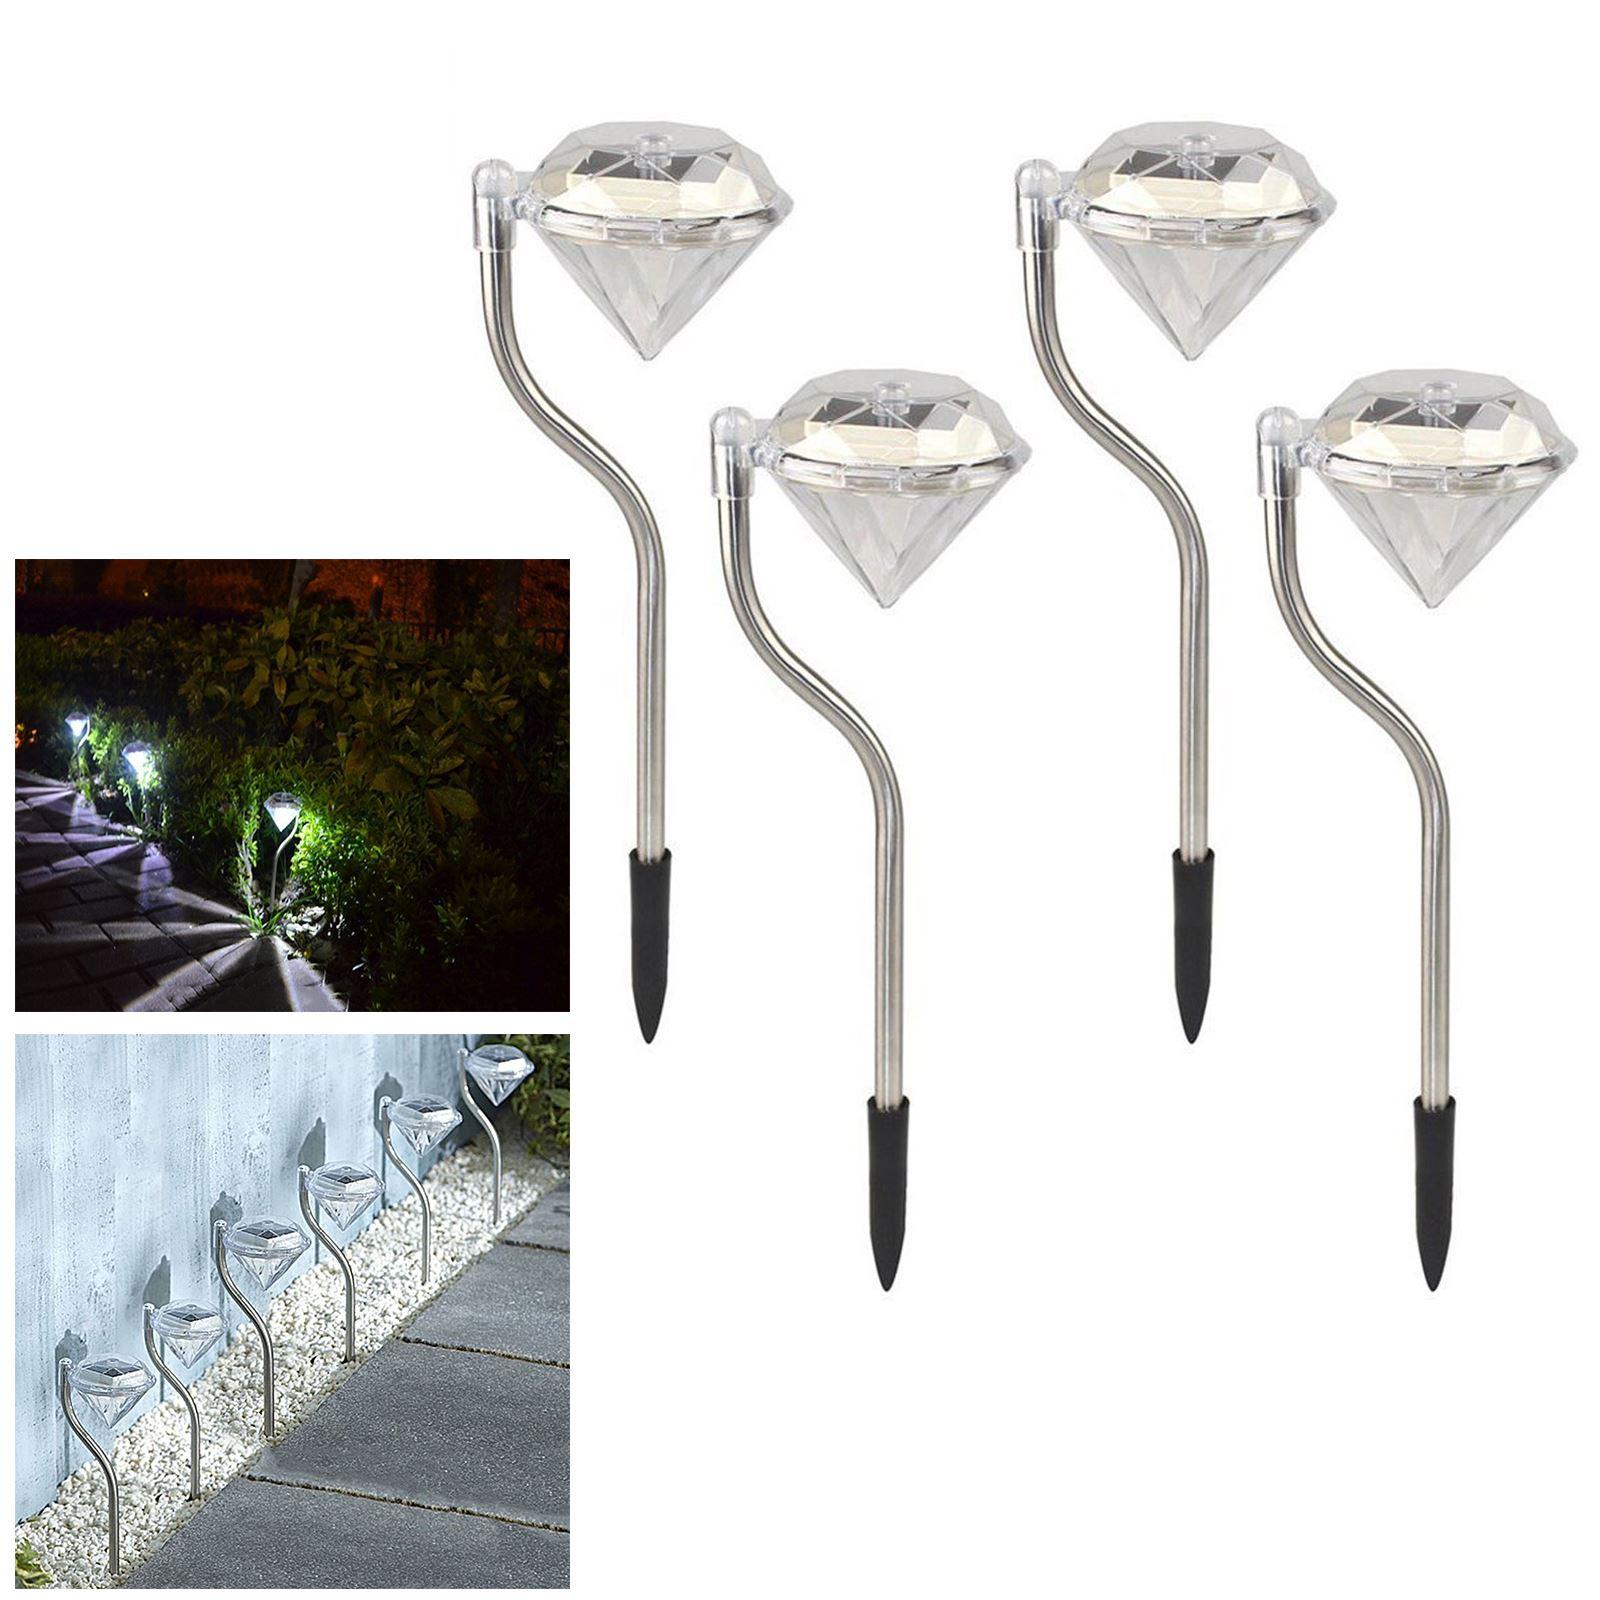 ASAB-10-x-a-energie-solaire-en-acier-inoxydable-jardin-poste-lumieres-DEL-eclairage-exterieur miniature 18